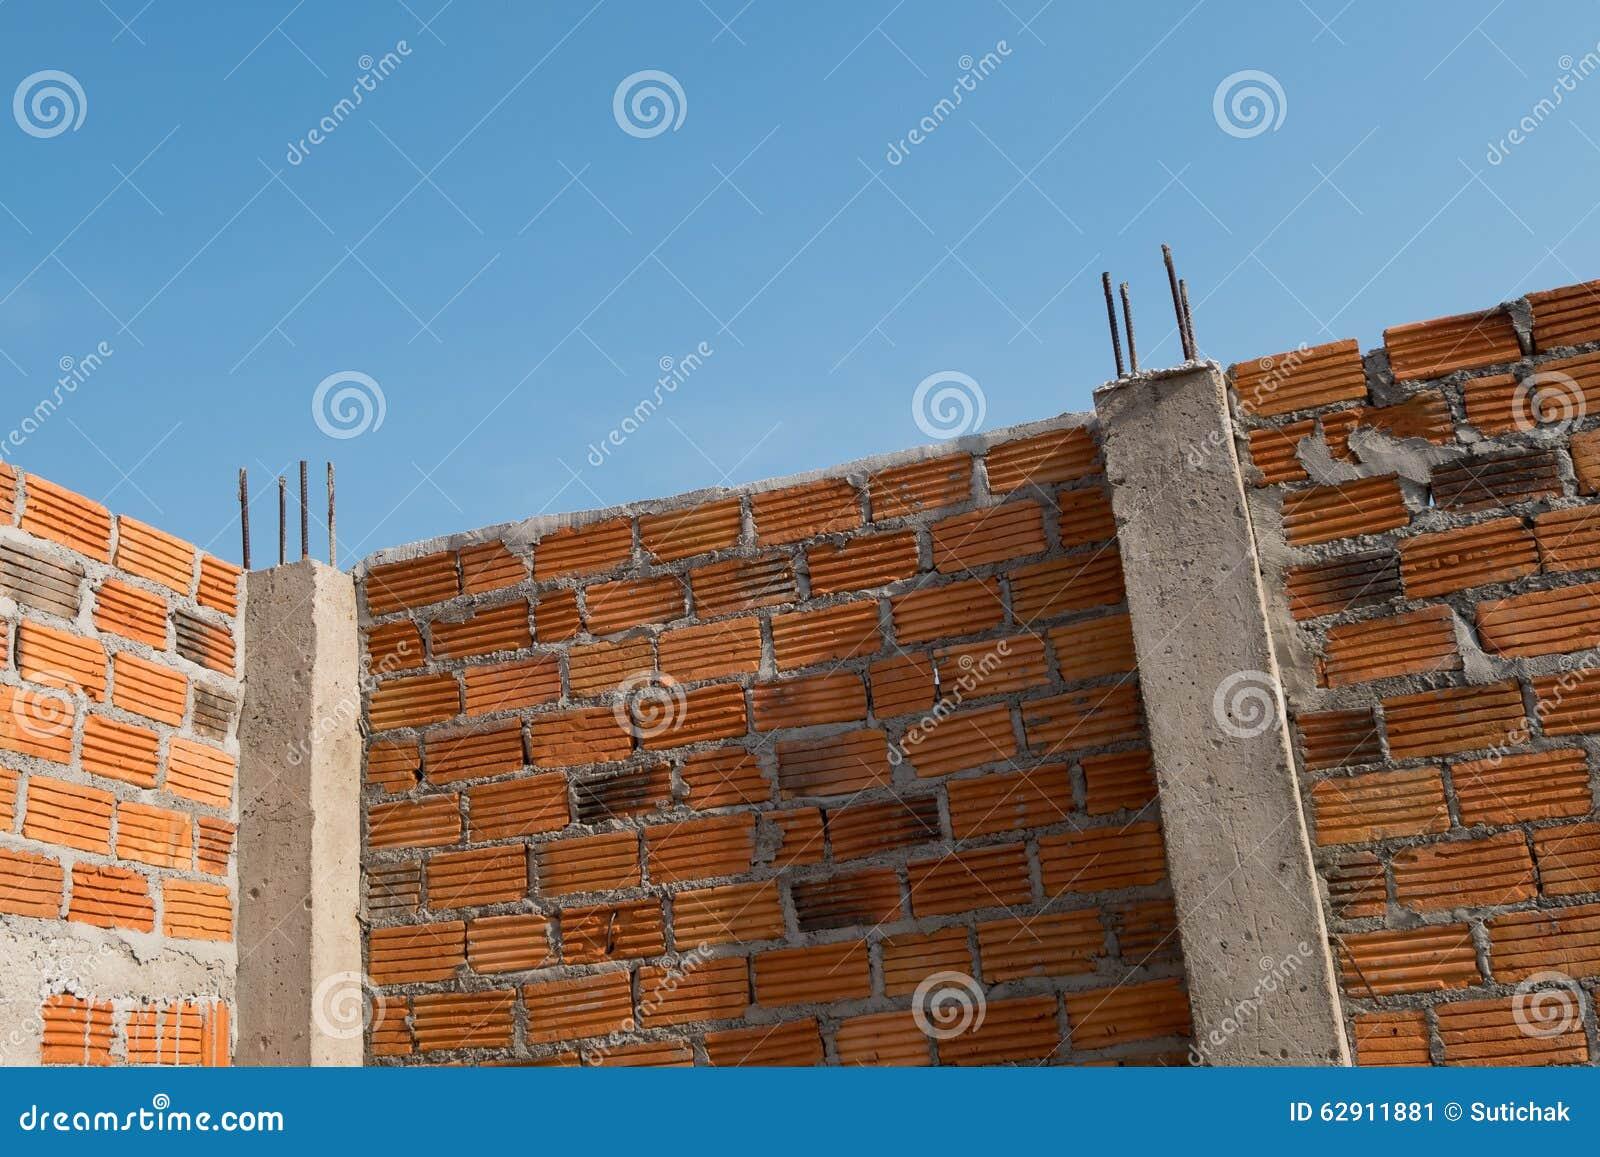 la pared hizo el ladrillo en la construccin de edificios